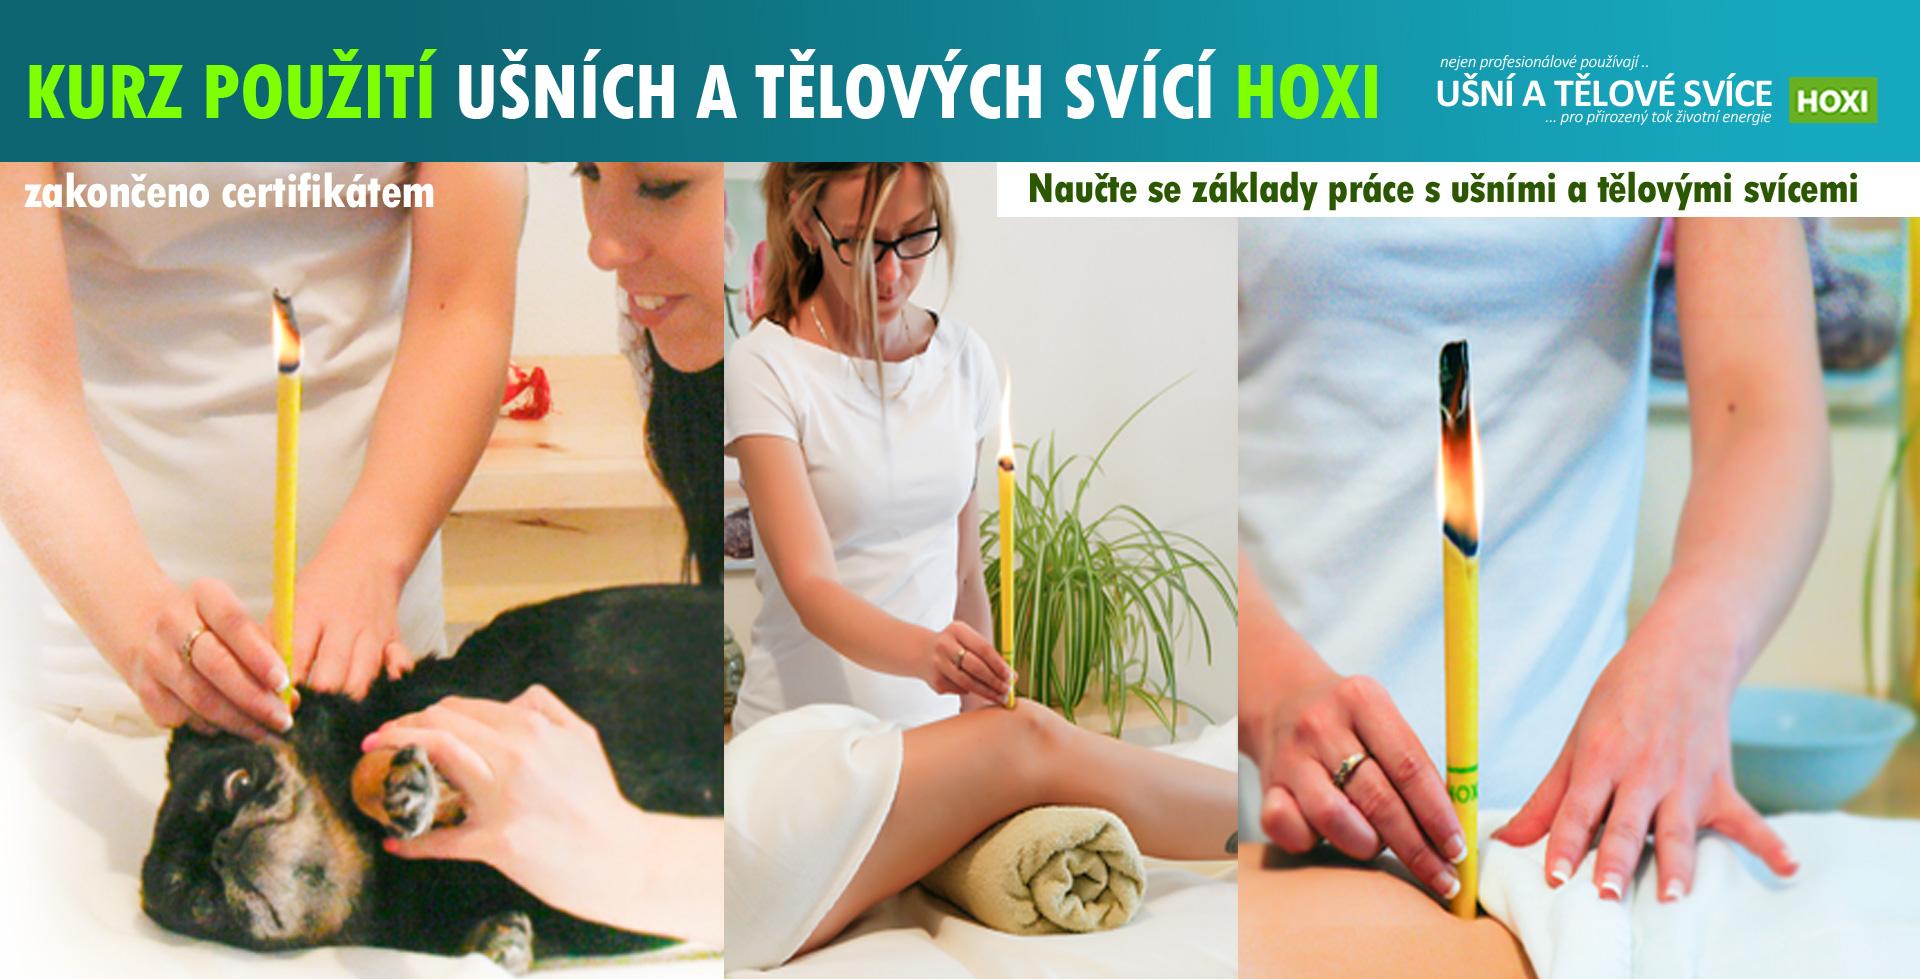 Kurz použití ušních a tělových svící Hoxi